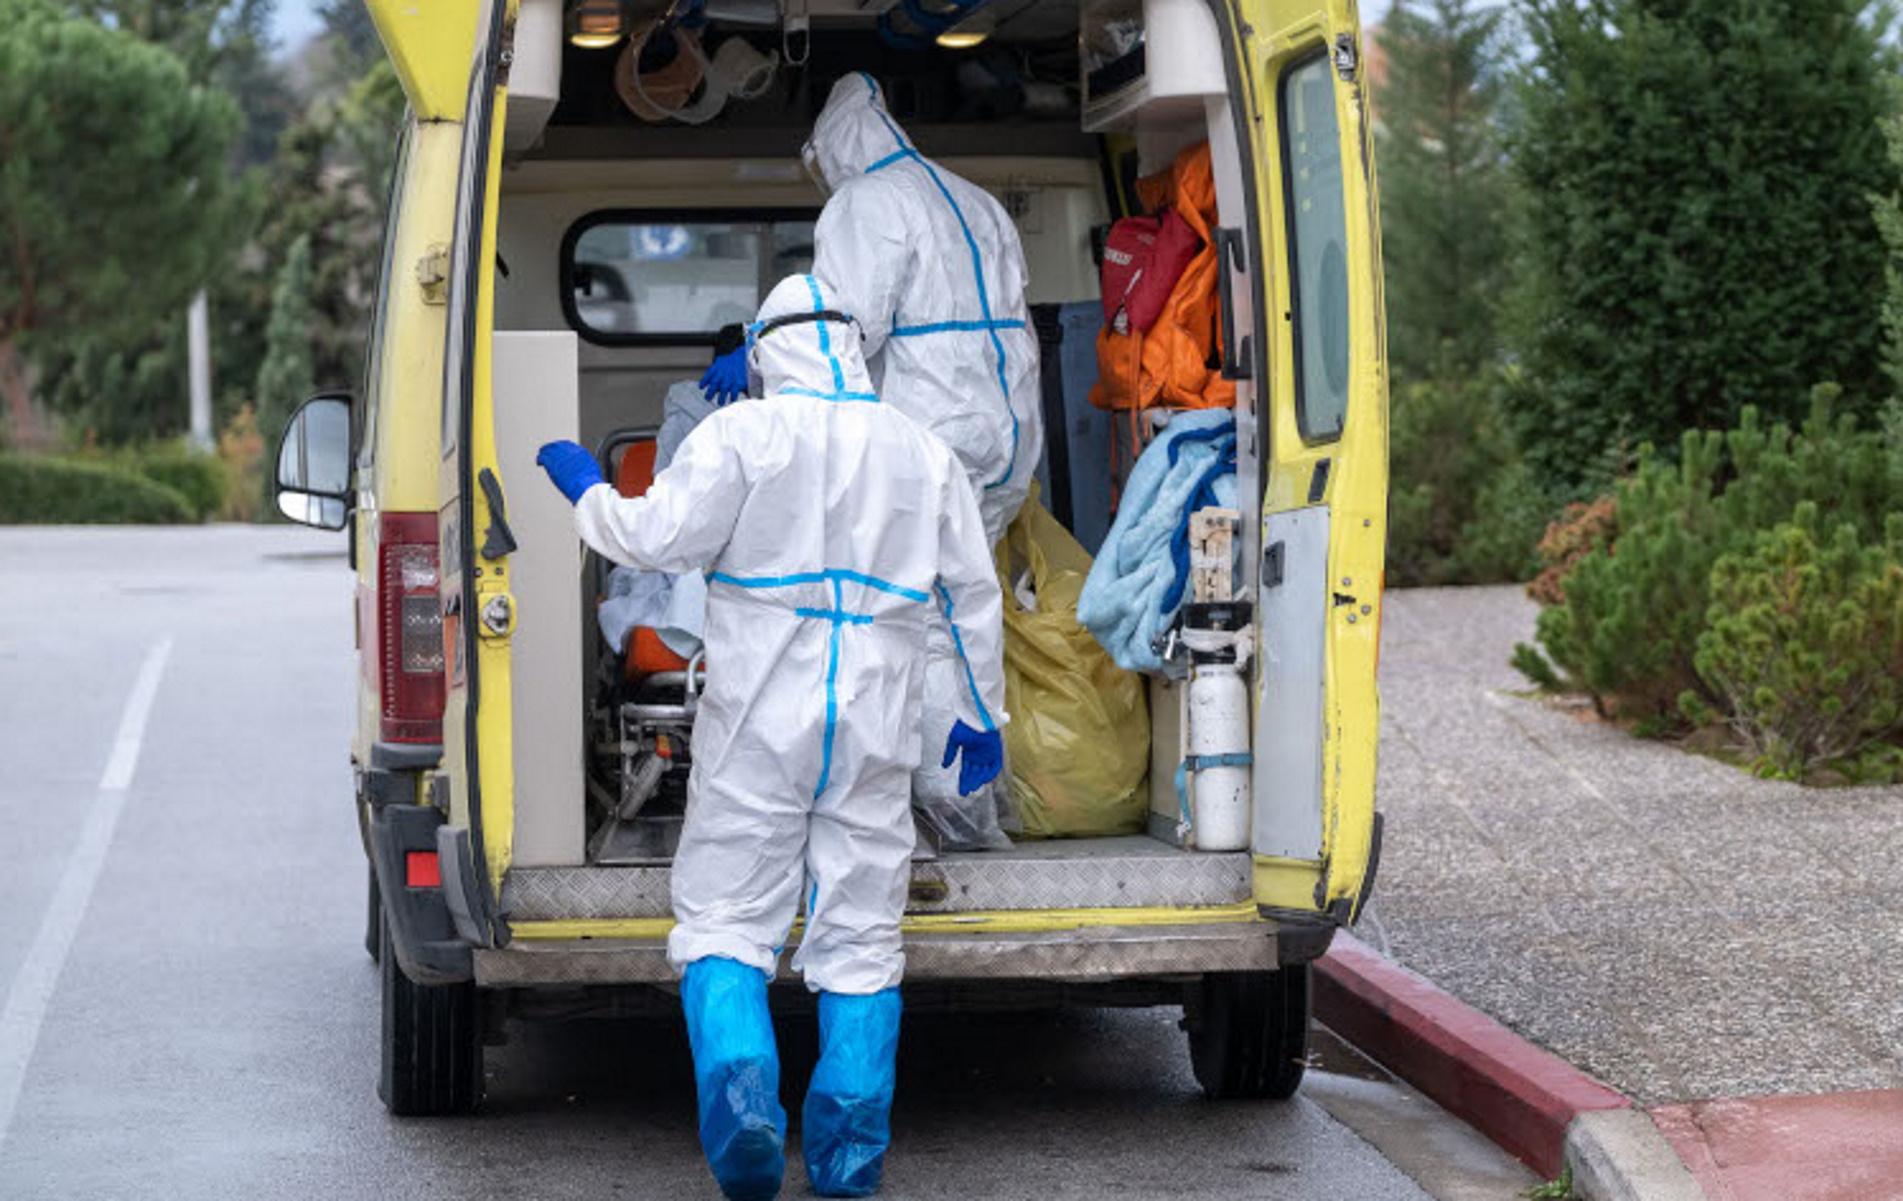 Εύβοια – Κορονοϊός: Νόσησαν 4 τραυματιοφορείς του νοσοκομείου Χαλκίδας